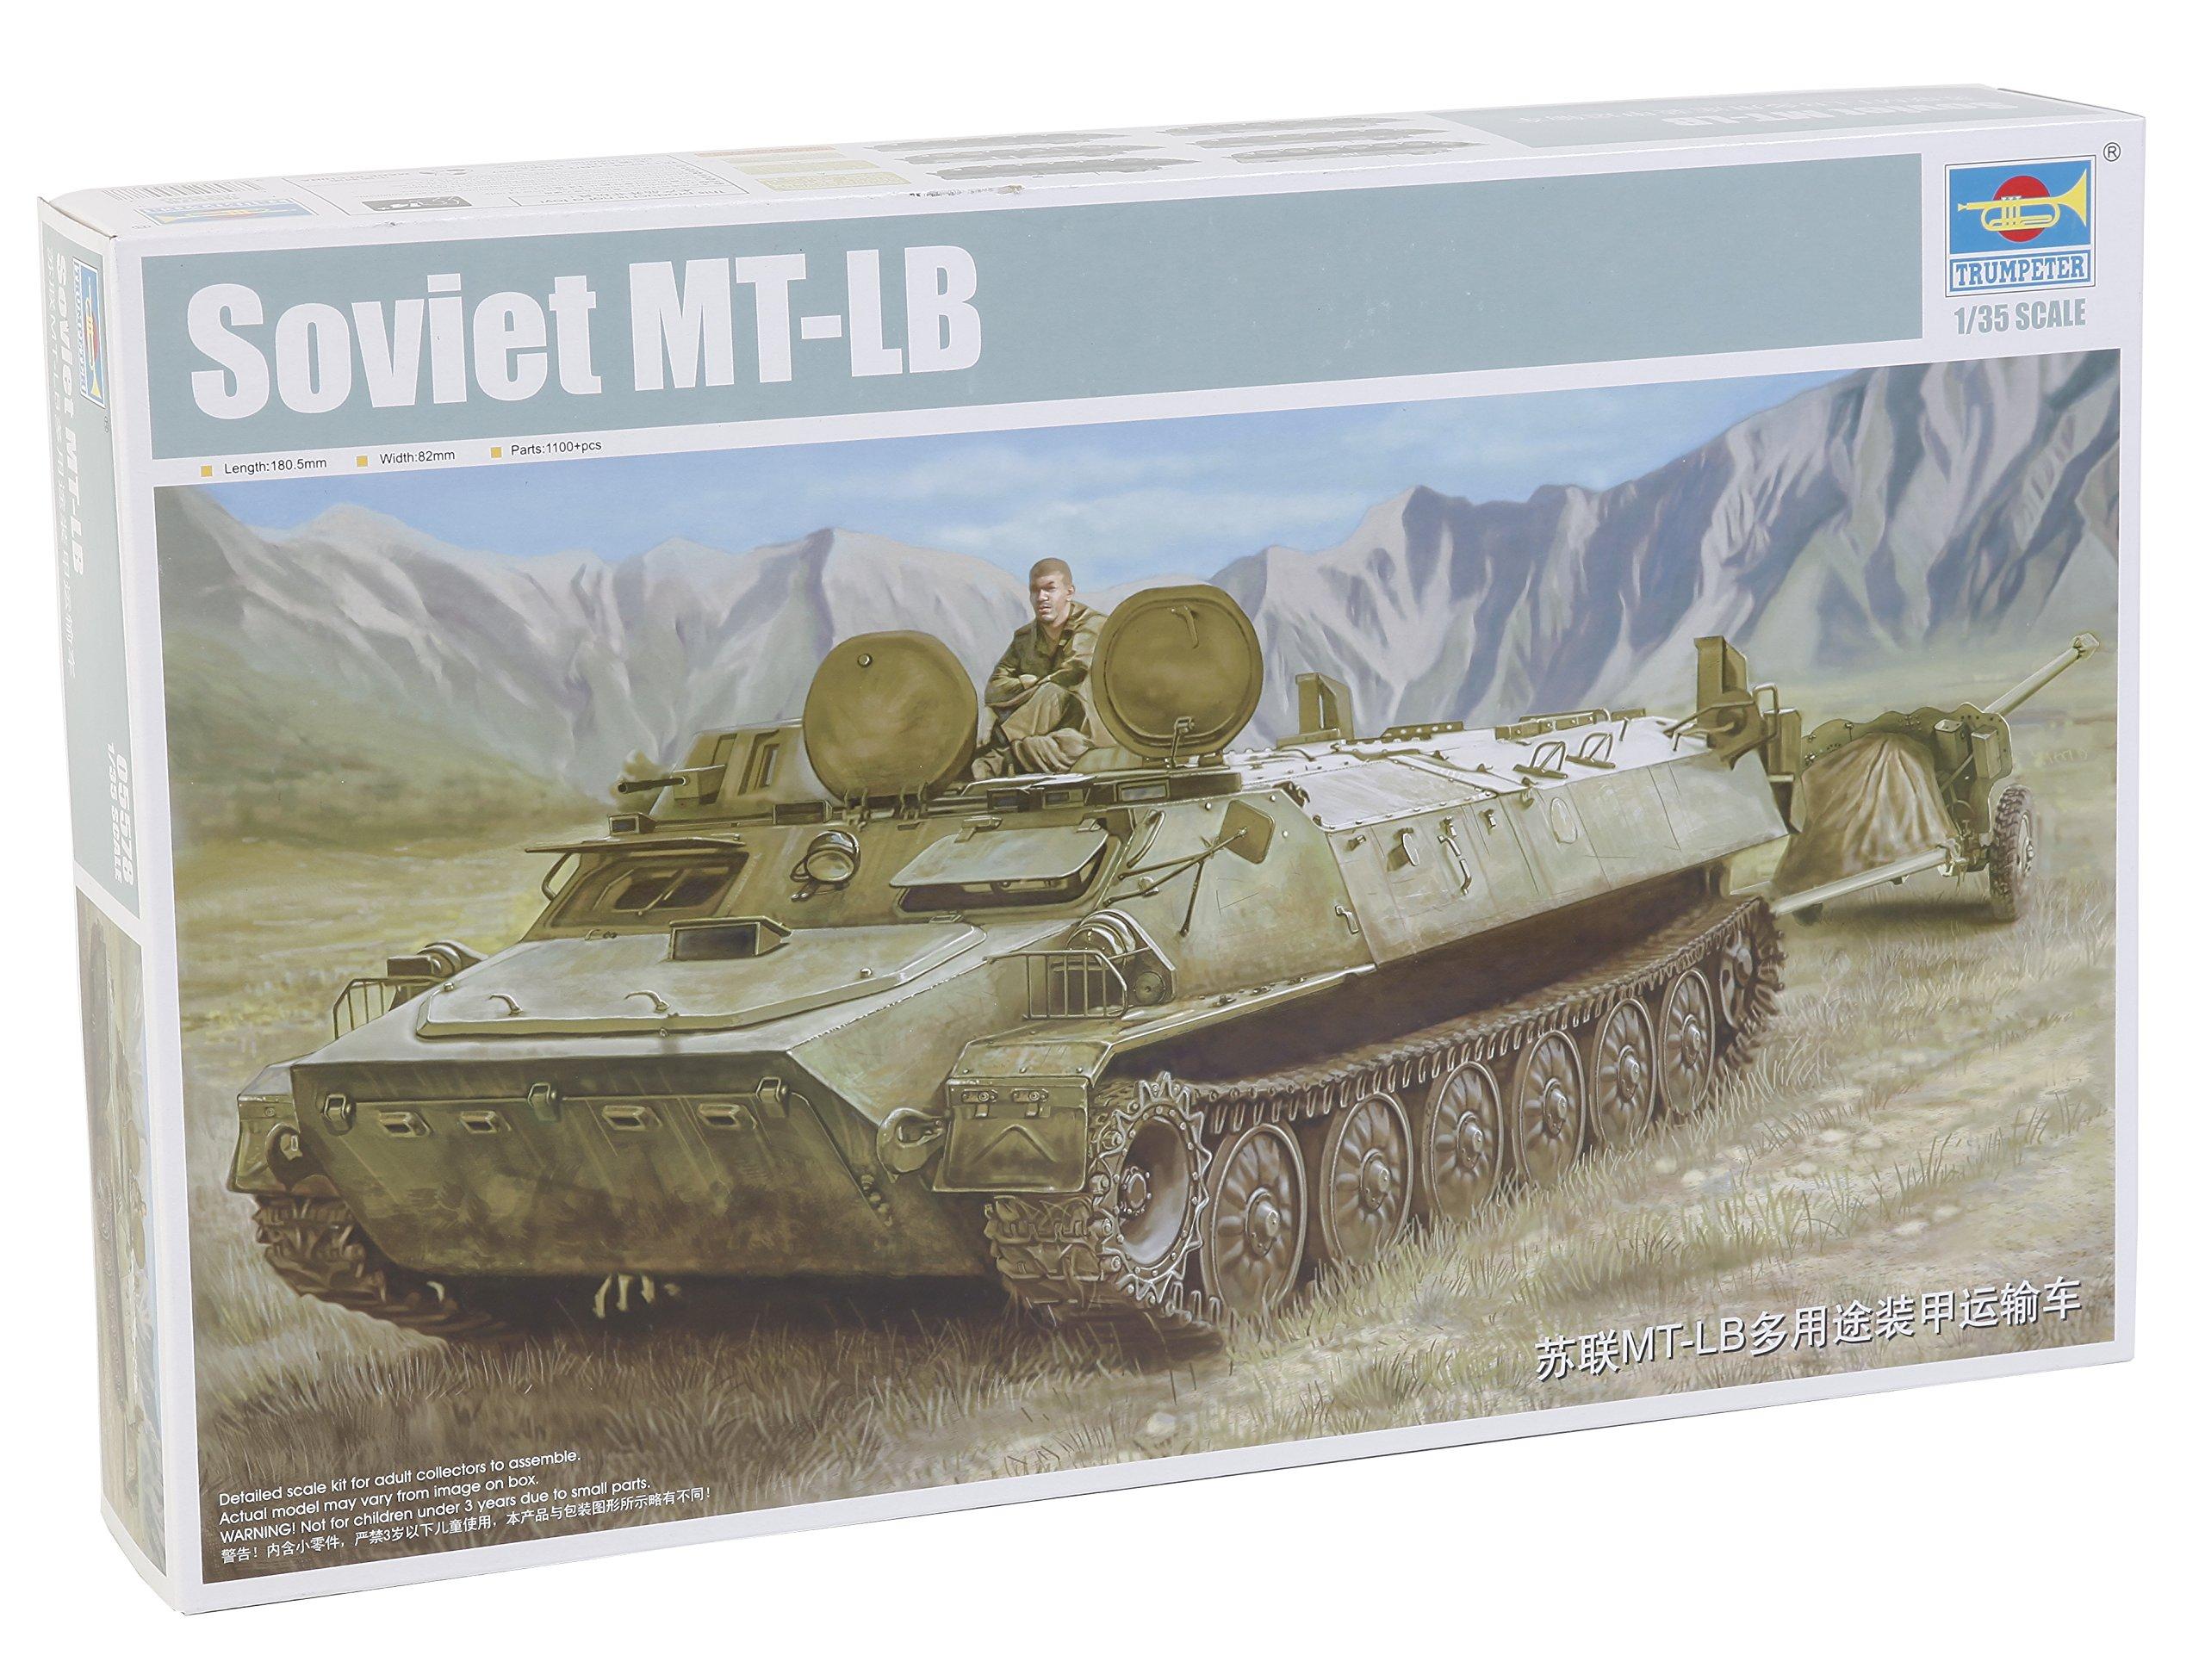 Trumpeter Soviet MT-LB Model Kit